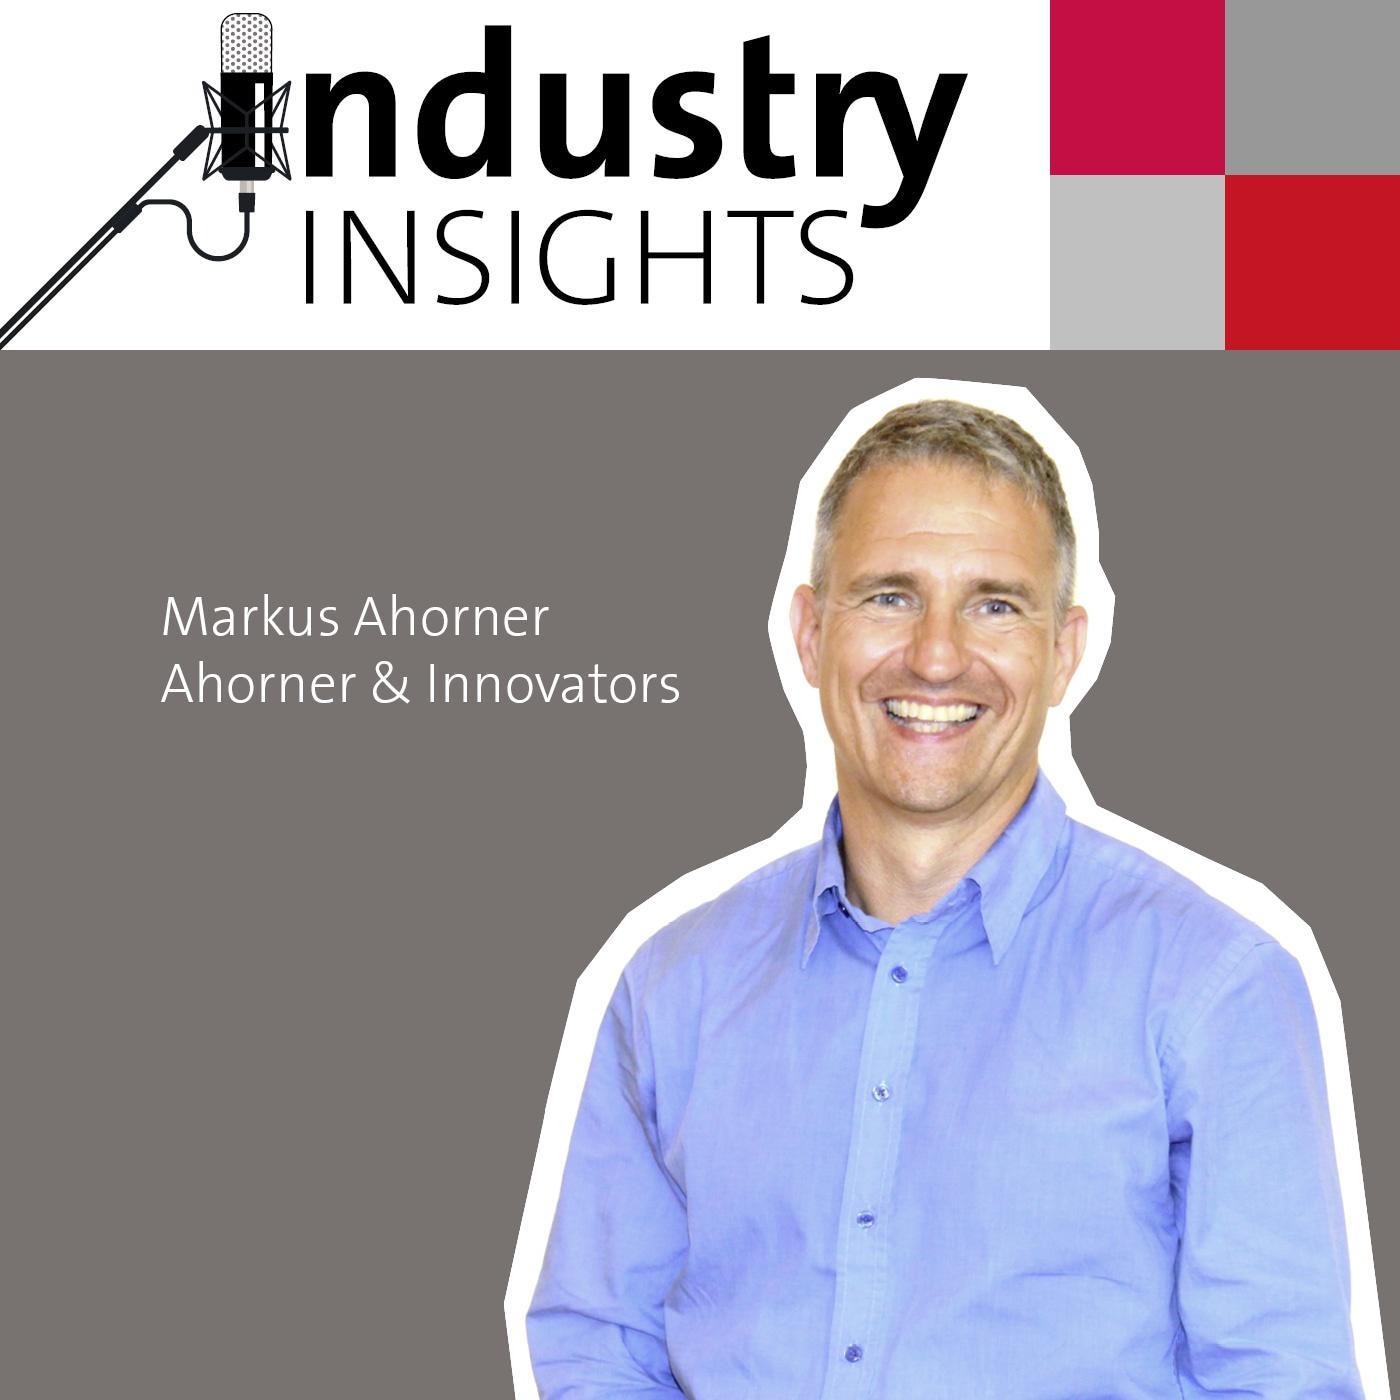 KI-Experte Markus Ahorner über Künstliche Intelligenz in der Industrie und Lösungen für den Mittelstand